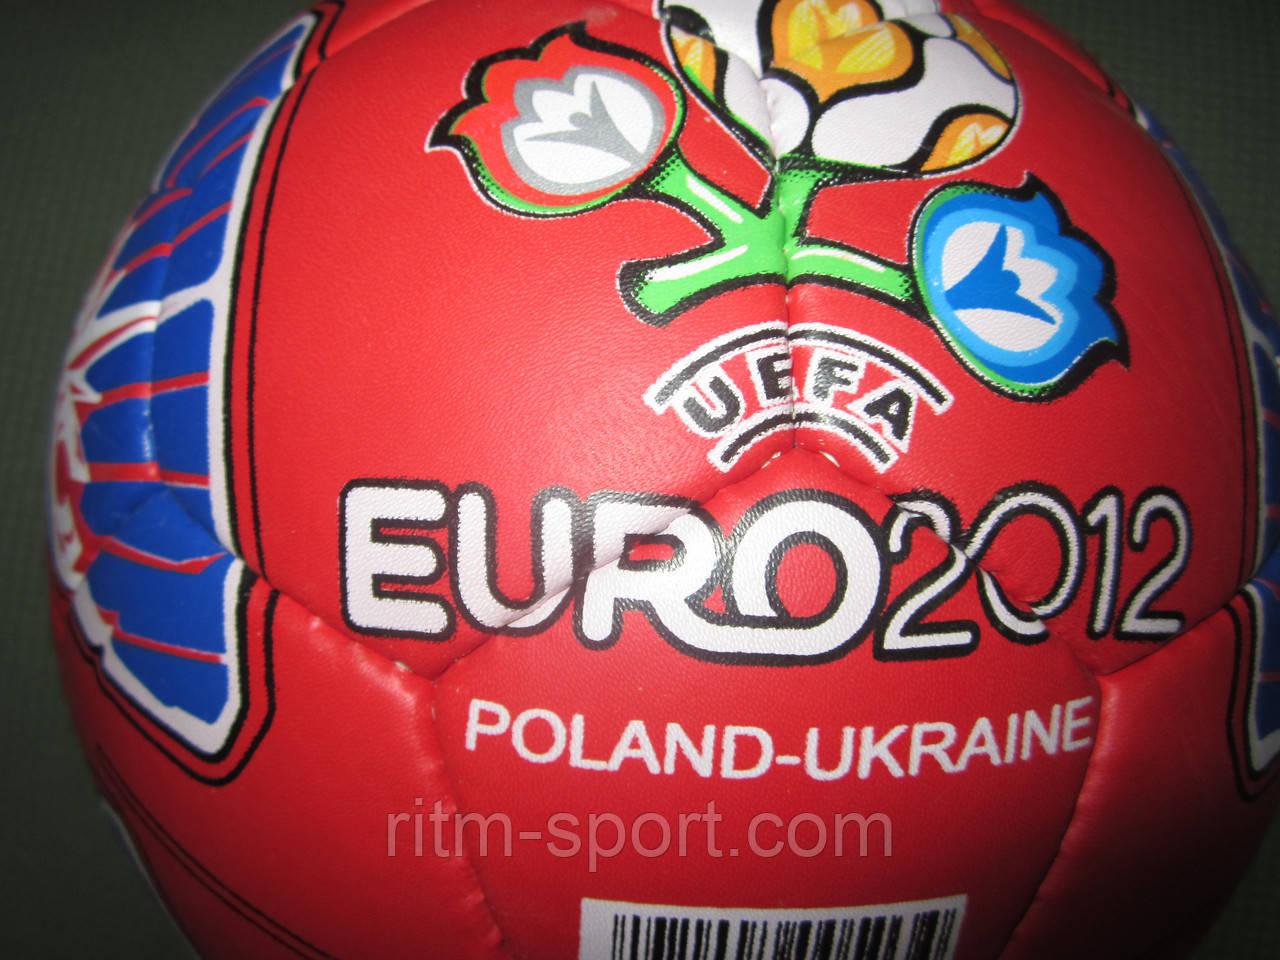 Мяч футбольный №5 EURO-2012 - Спортивные товары интернет-магазин Ритм в  Одессе 86b2a9b618a6c